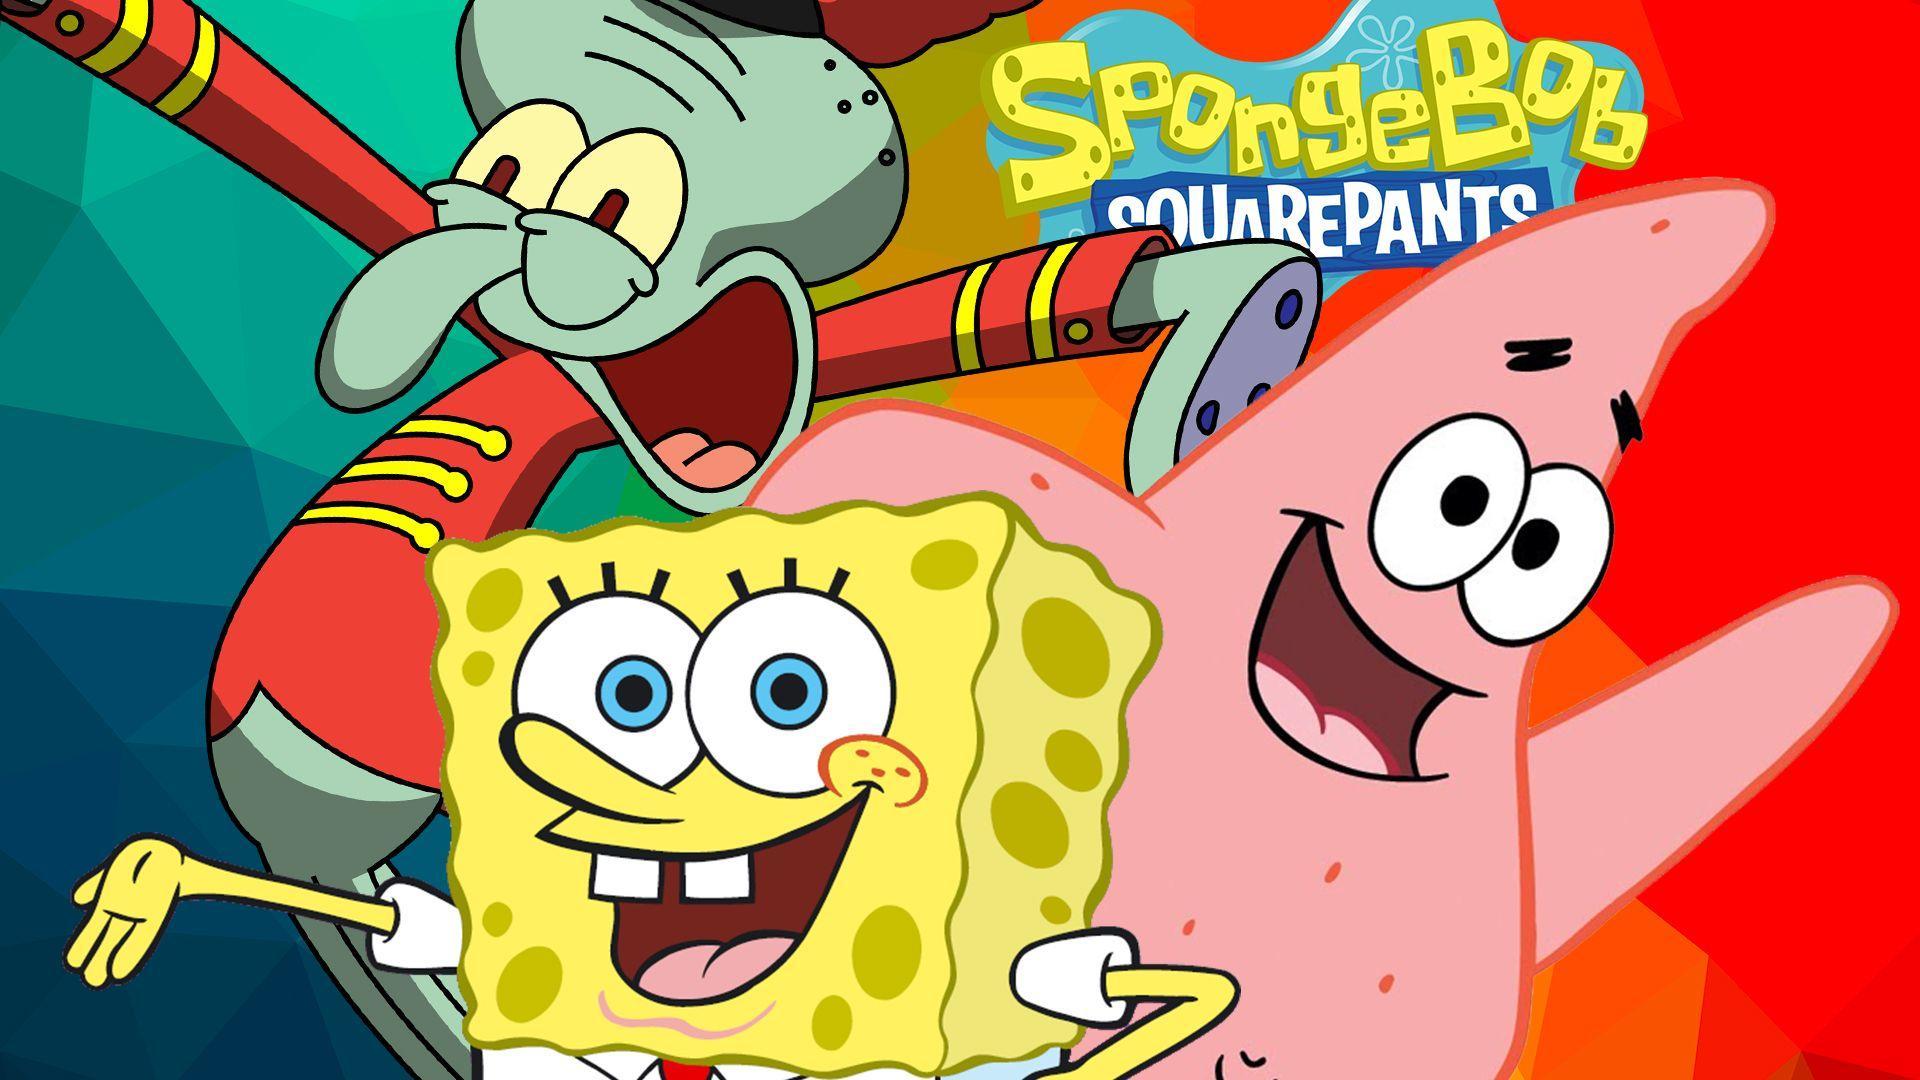 Terbaru Gambar Spongebob Keren Wallpaper Tahun Ini